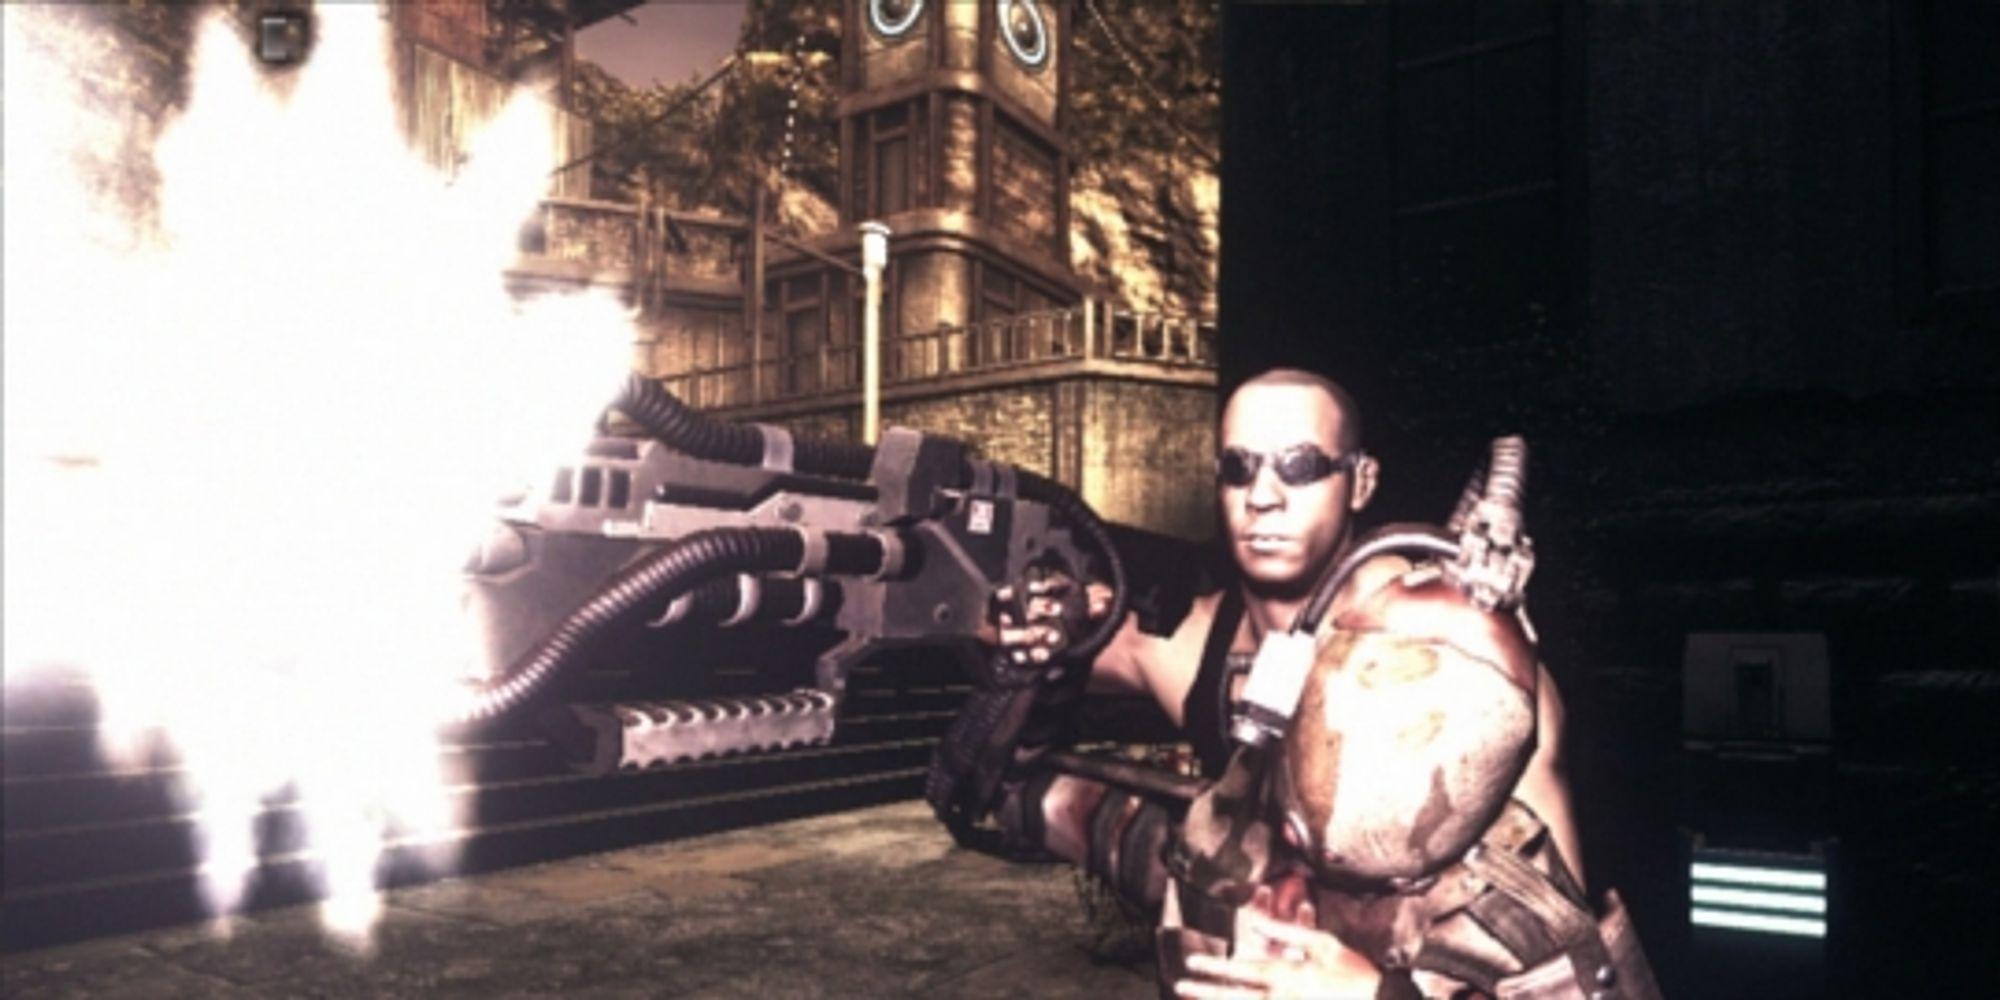 Sommerens solbrillemote presentert av Riddick.